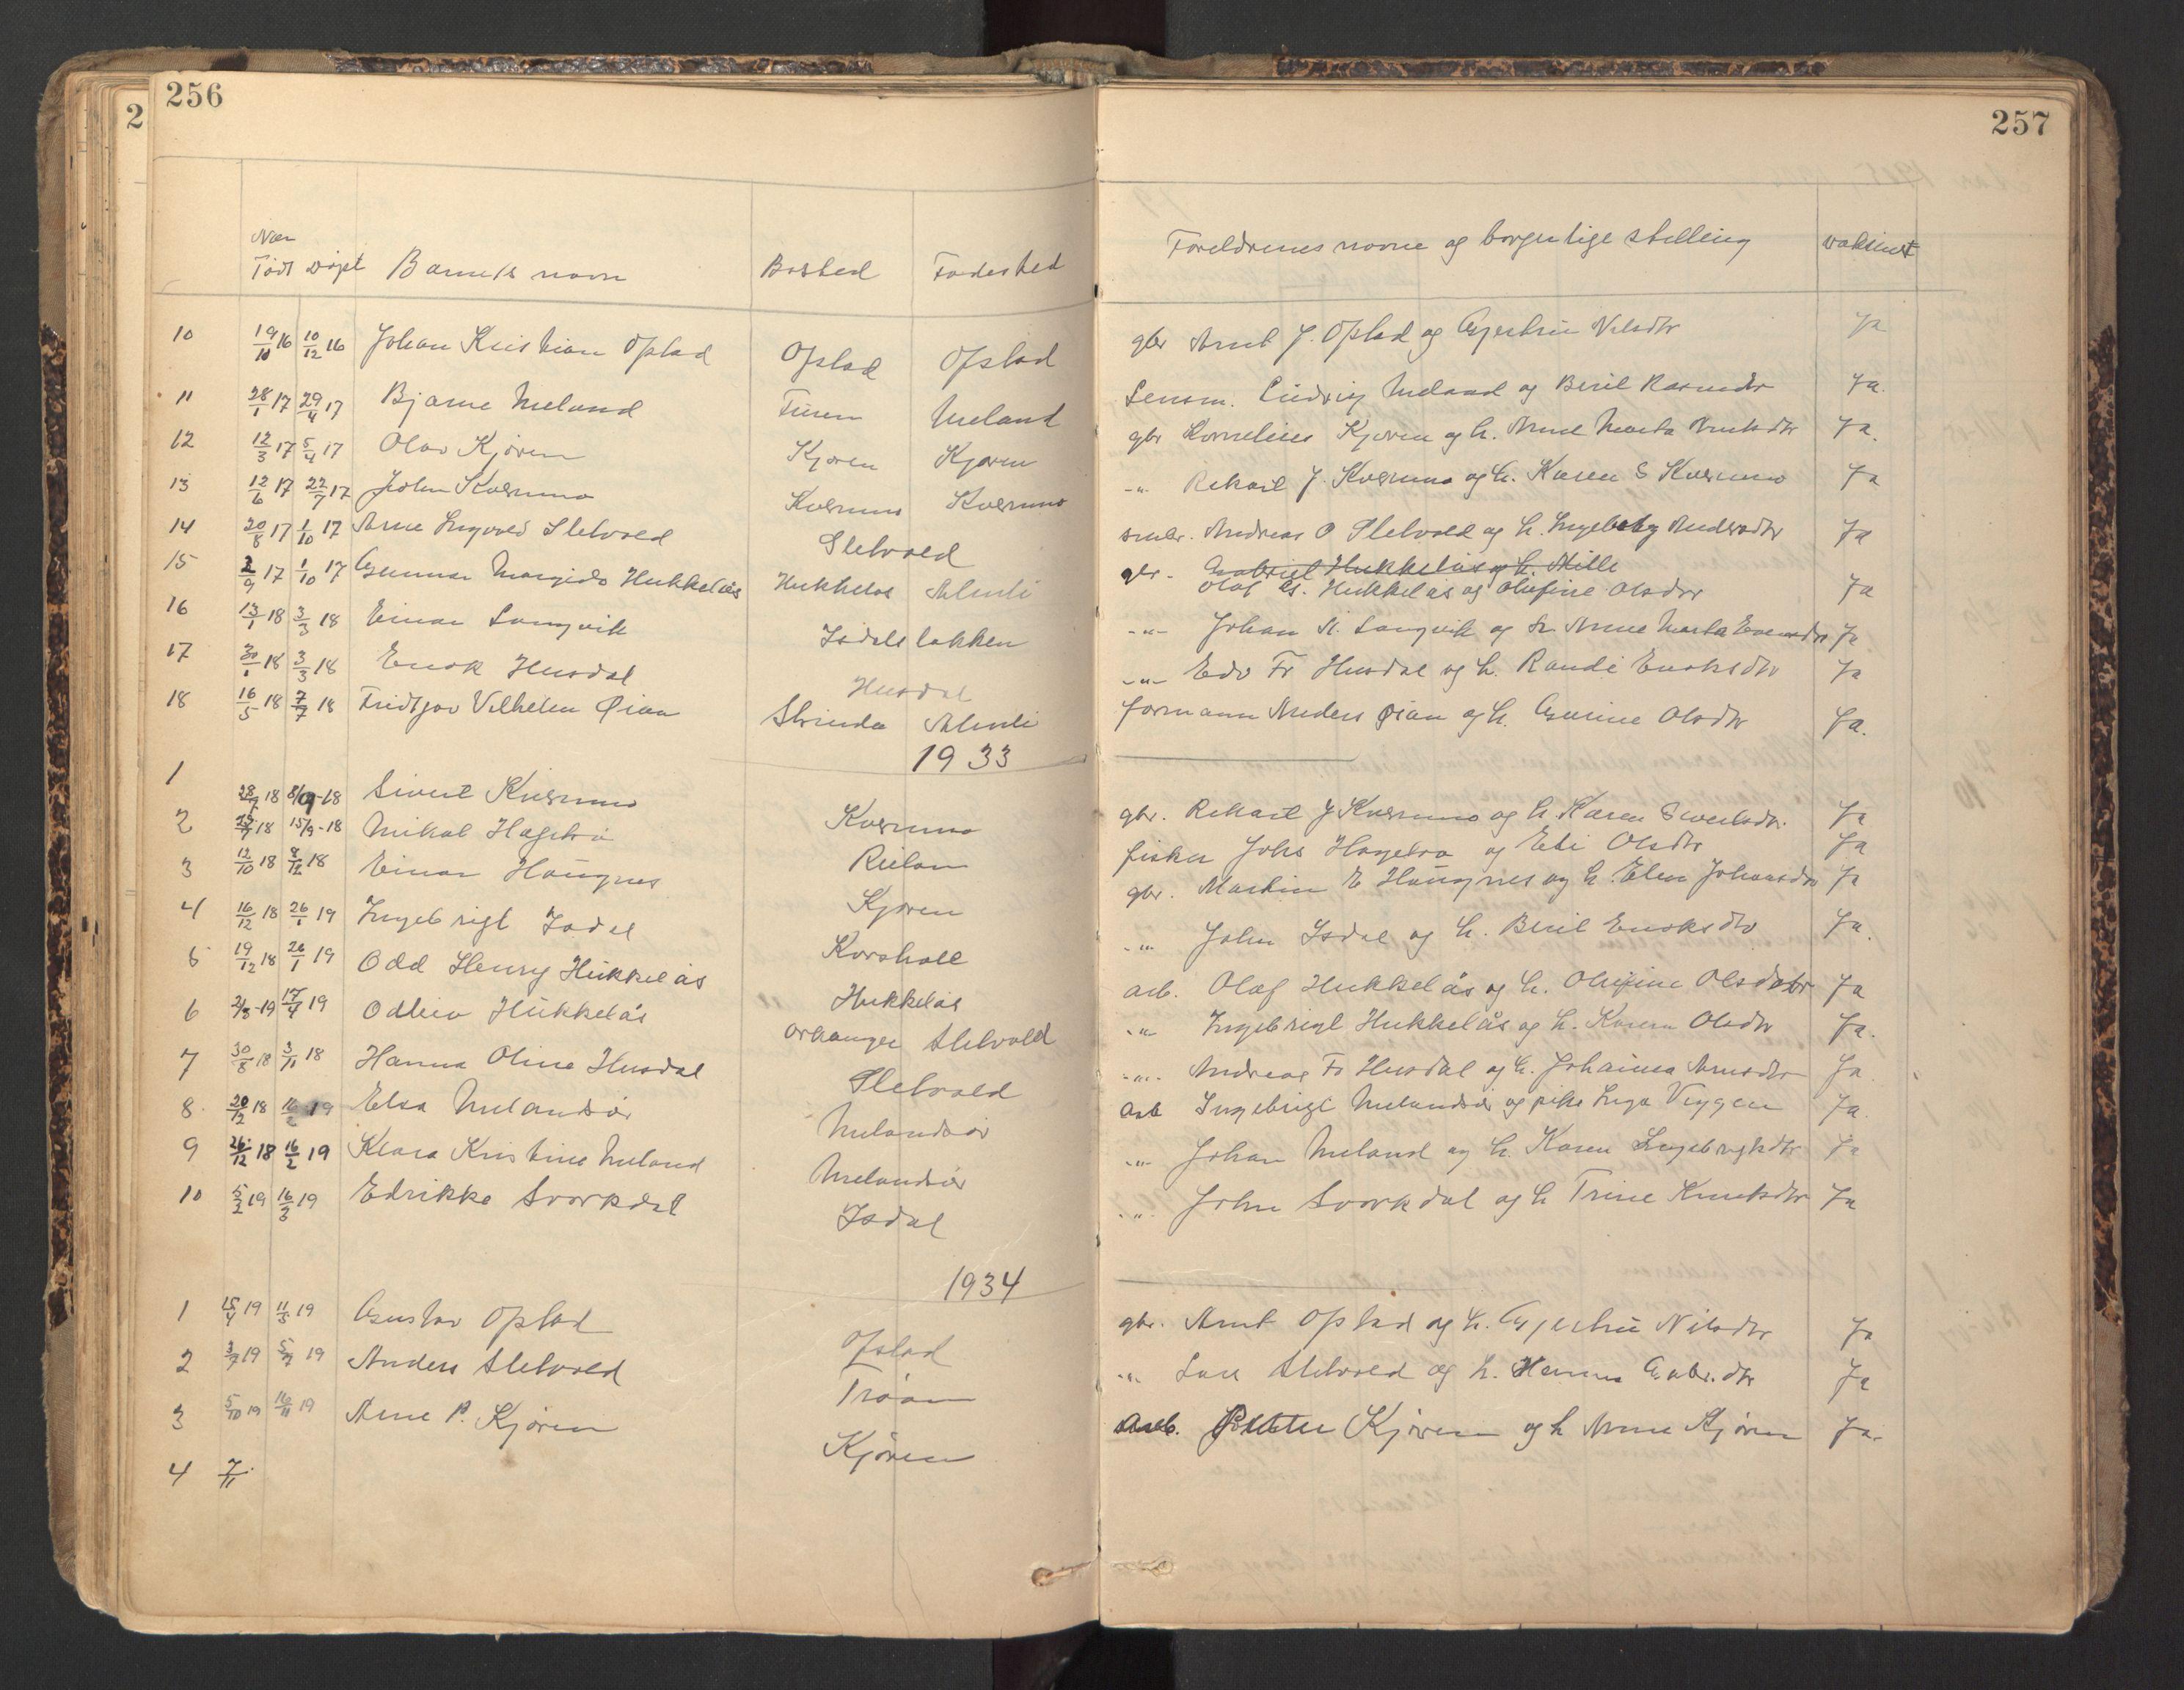 SAT, Ministerialprotokoller, klokkerbøker og fødselsregistre - Sør-Trøndelag, 670/L0837: Klokkerbok nr. 670C01, 1905-1946, s. 256-257